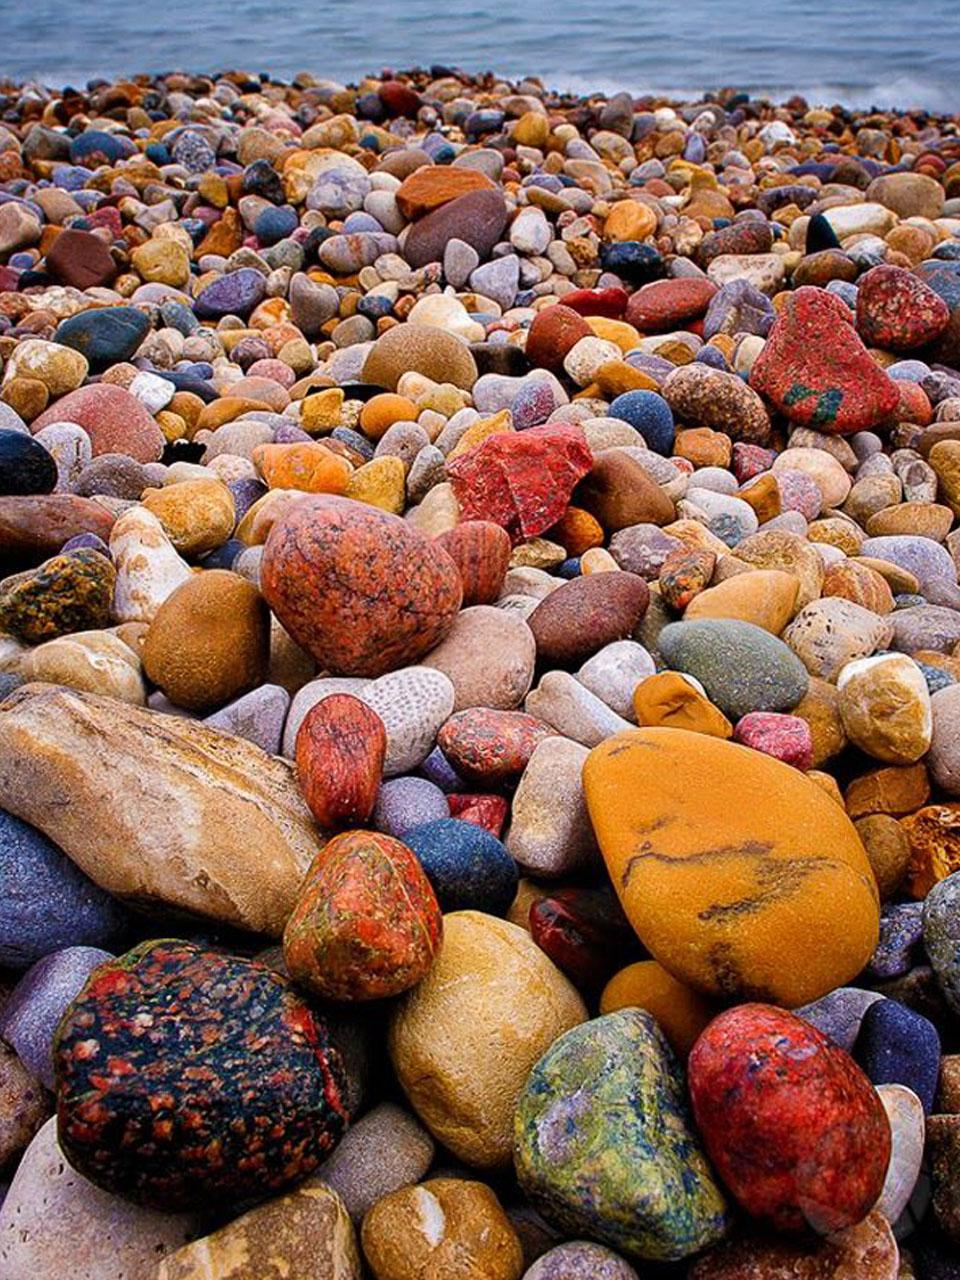 Manualidades con piedras de playa - Cuadros hechos con piedras de playa ...